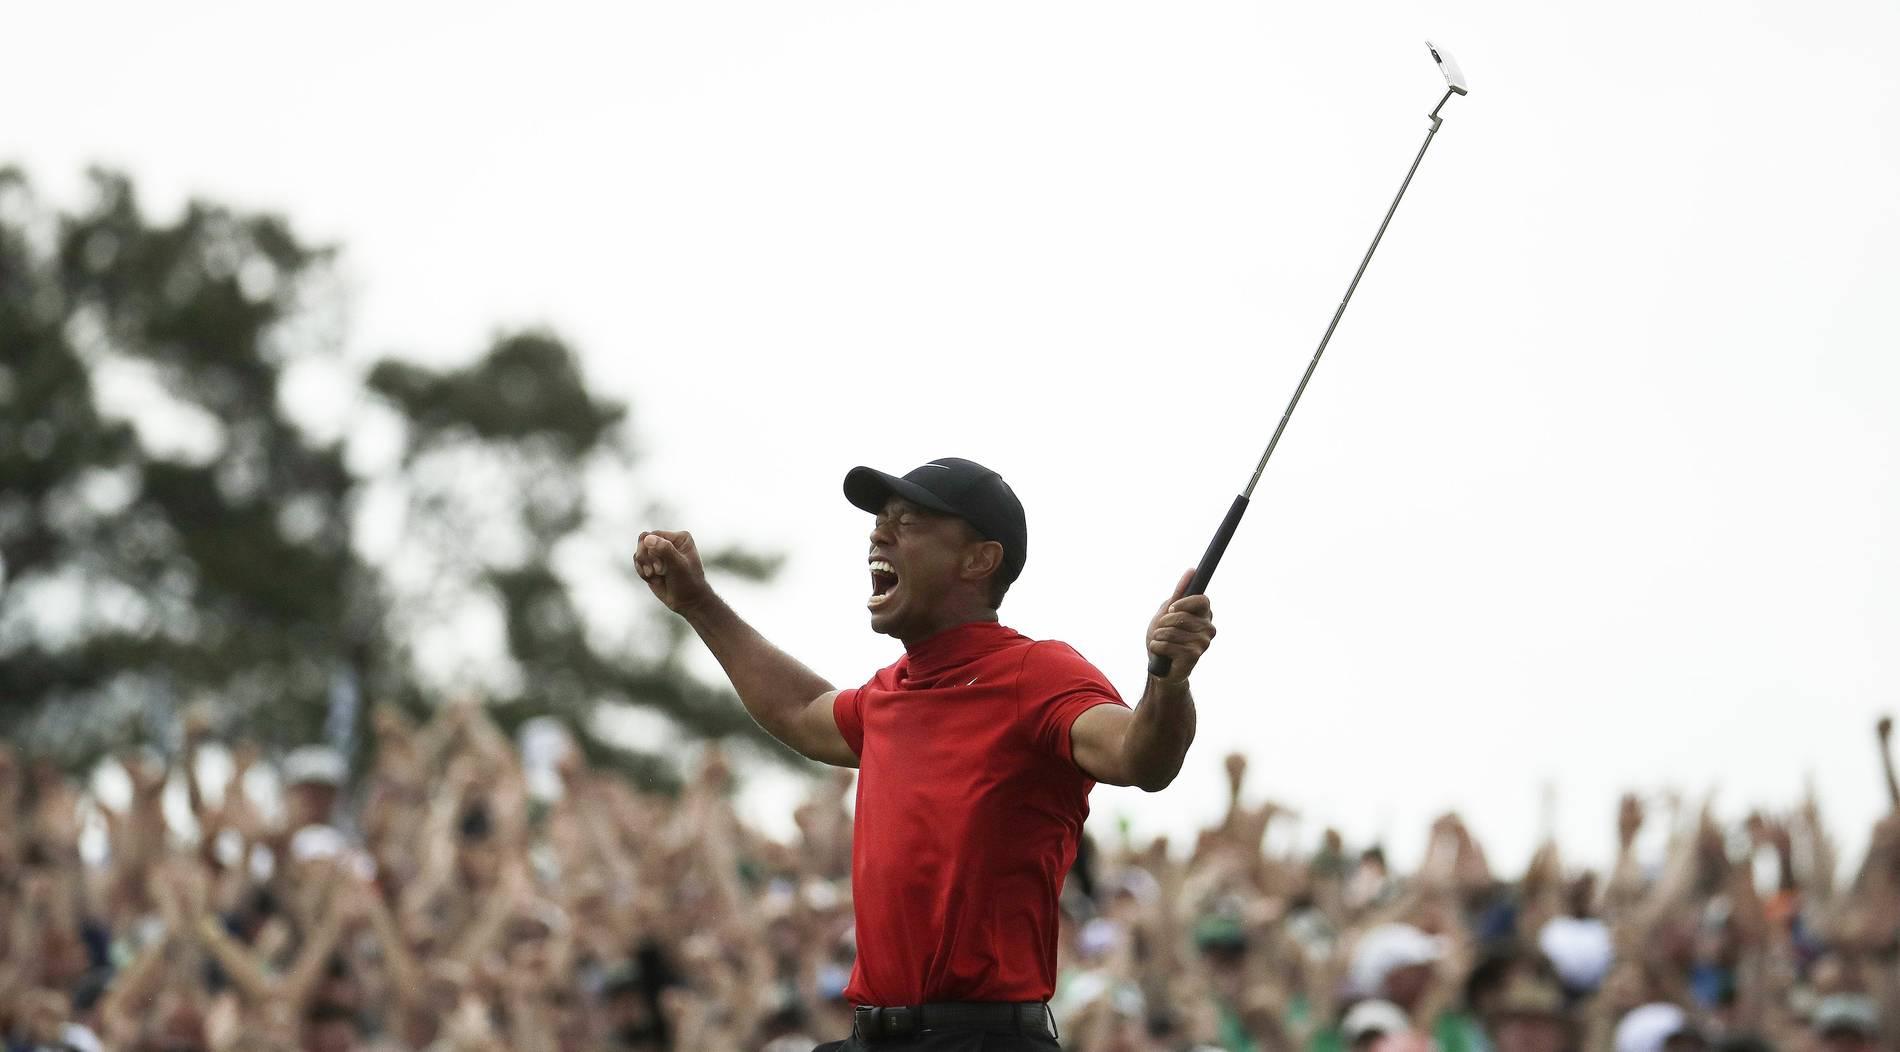 Mann setzt auf Tiger Woods und gewinnt Million